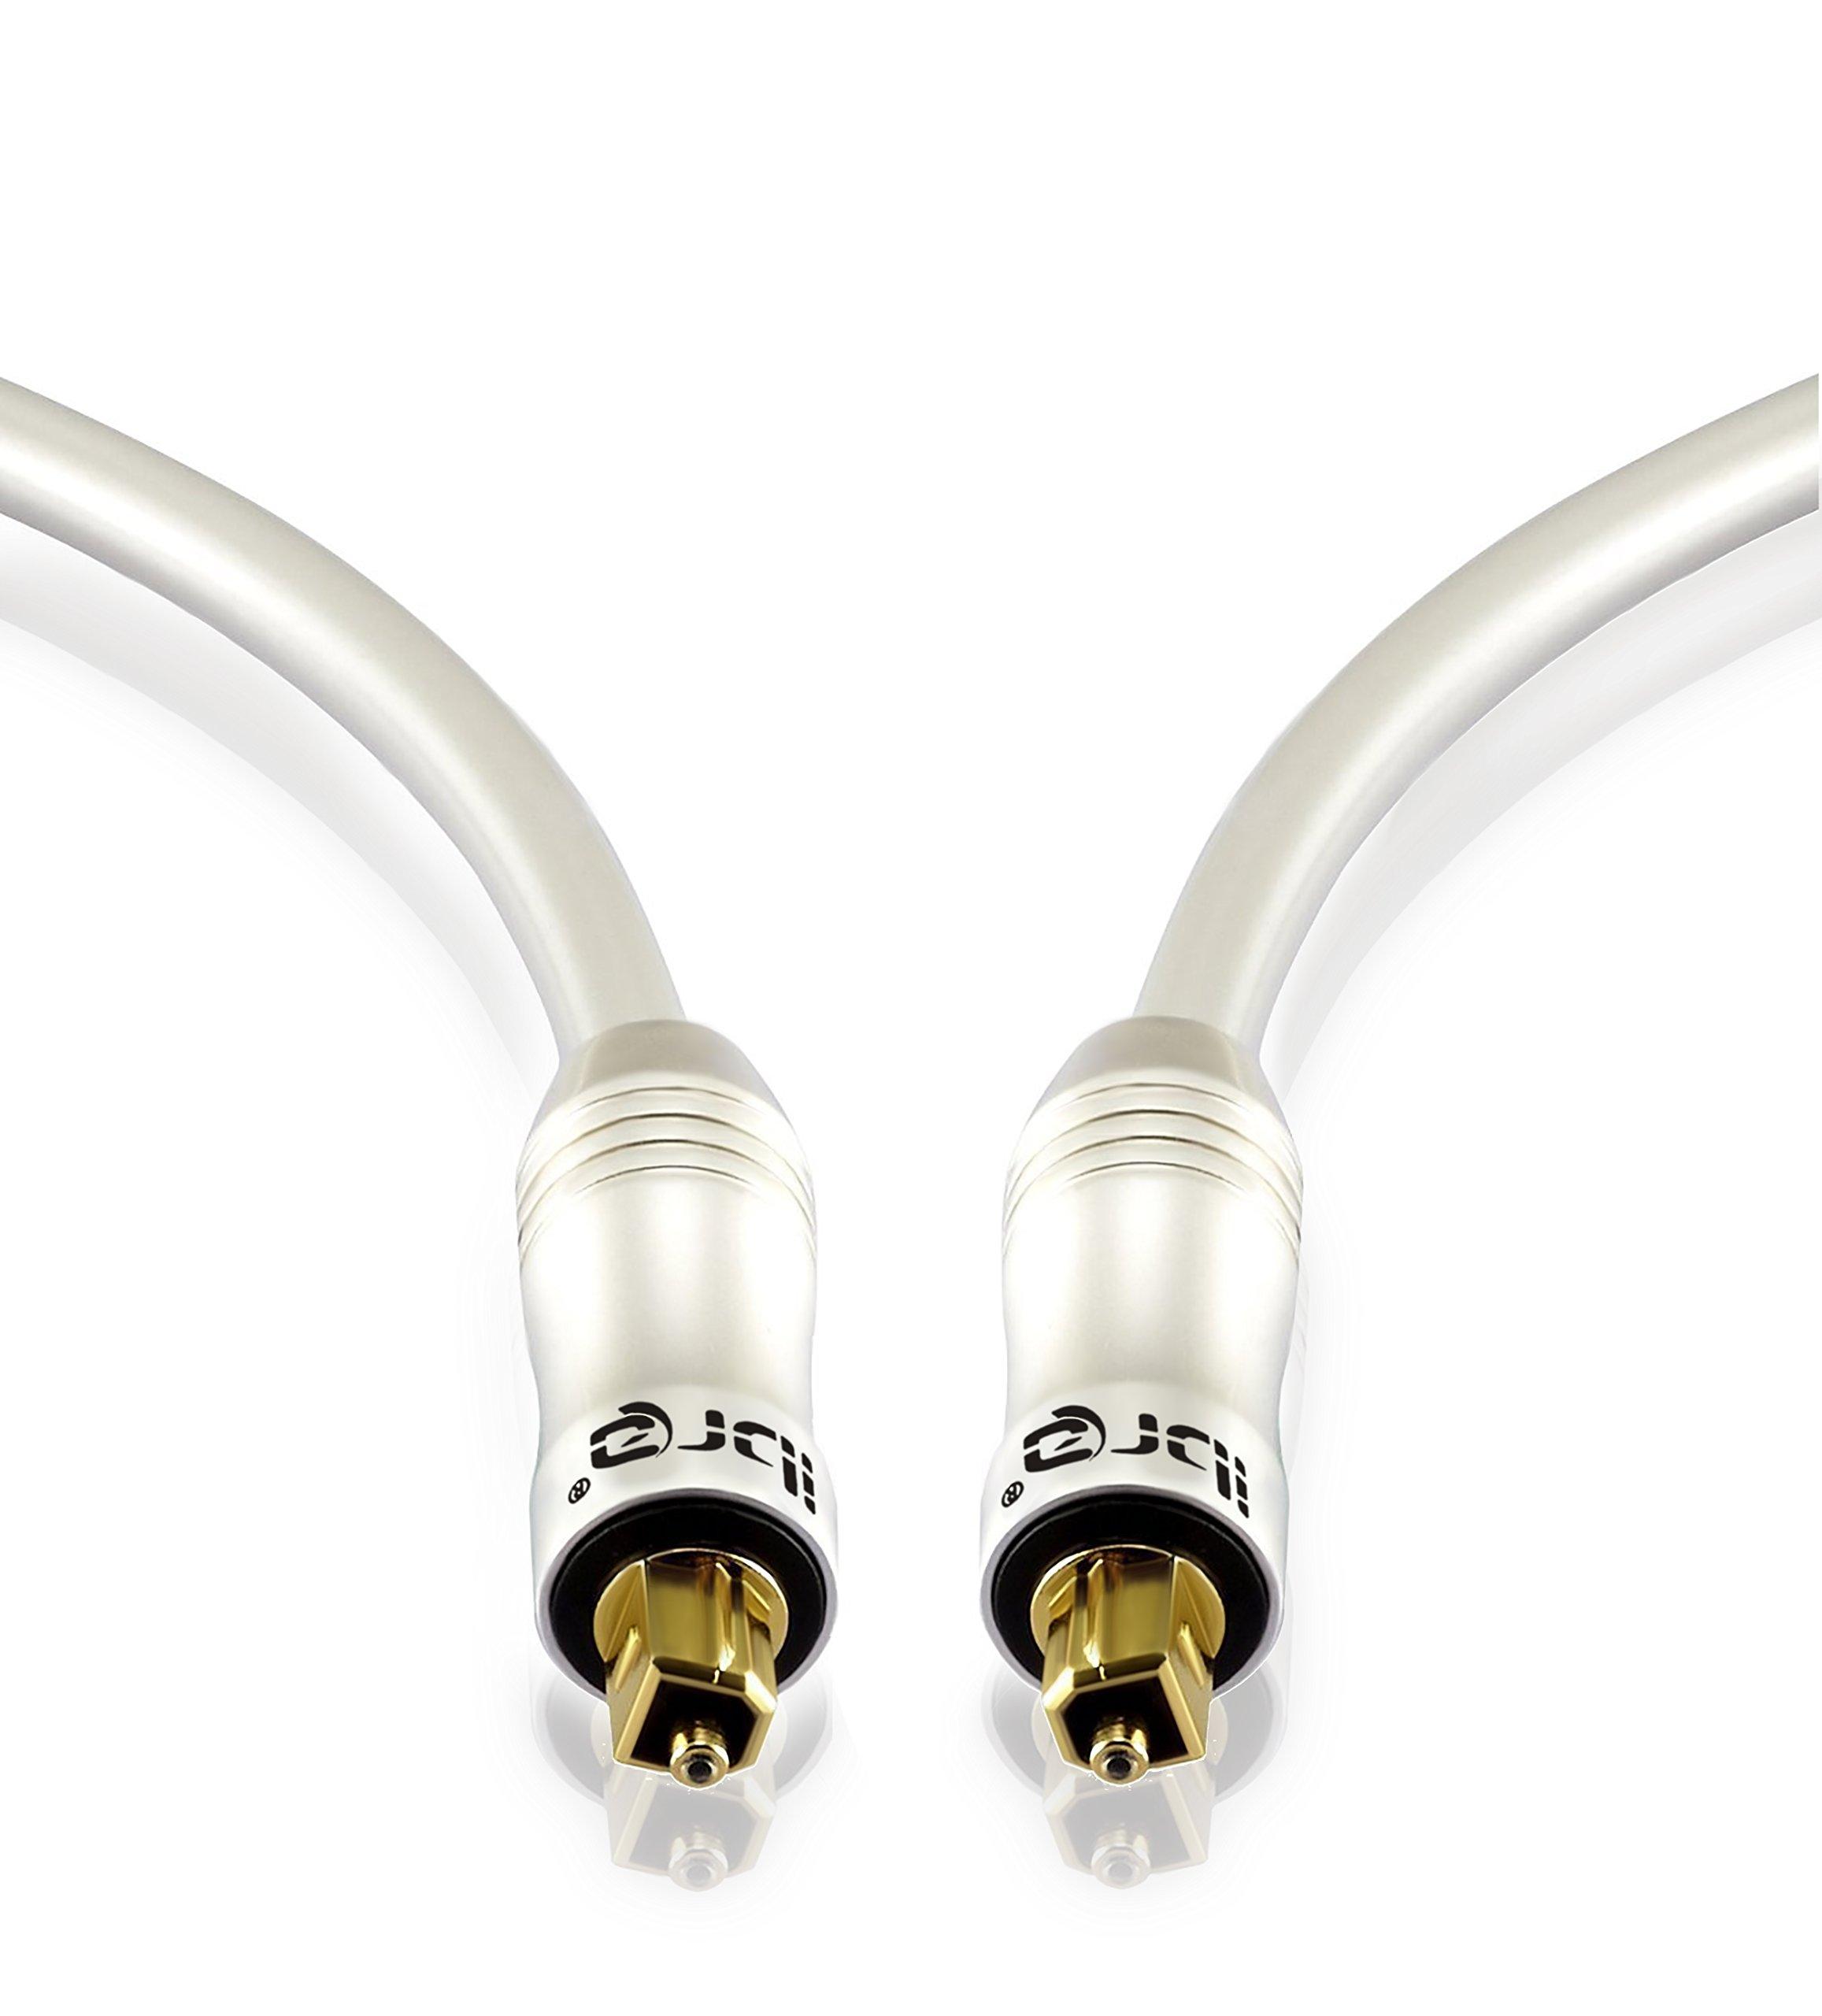 IBRA® PEARL - 3m (metros) Cable óptico de Audio Digital Toslink | Alta